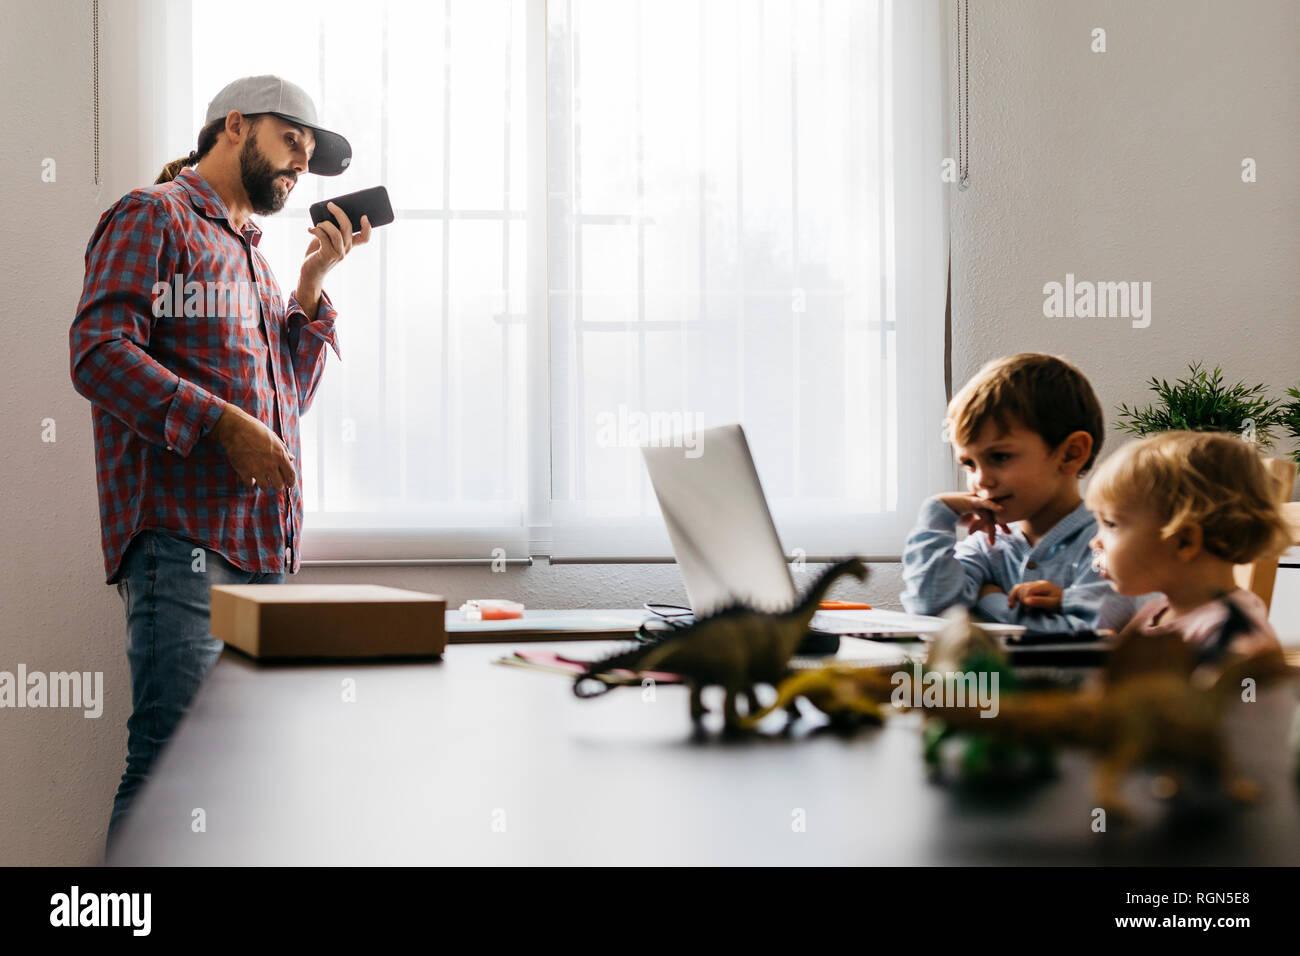 Padre grabando un archivo de audio, mientras los niños están utilizando su ordenador portátil Foto de stock